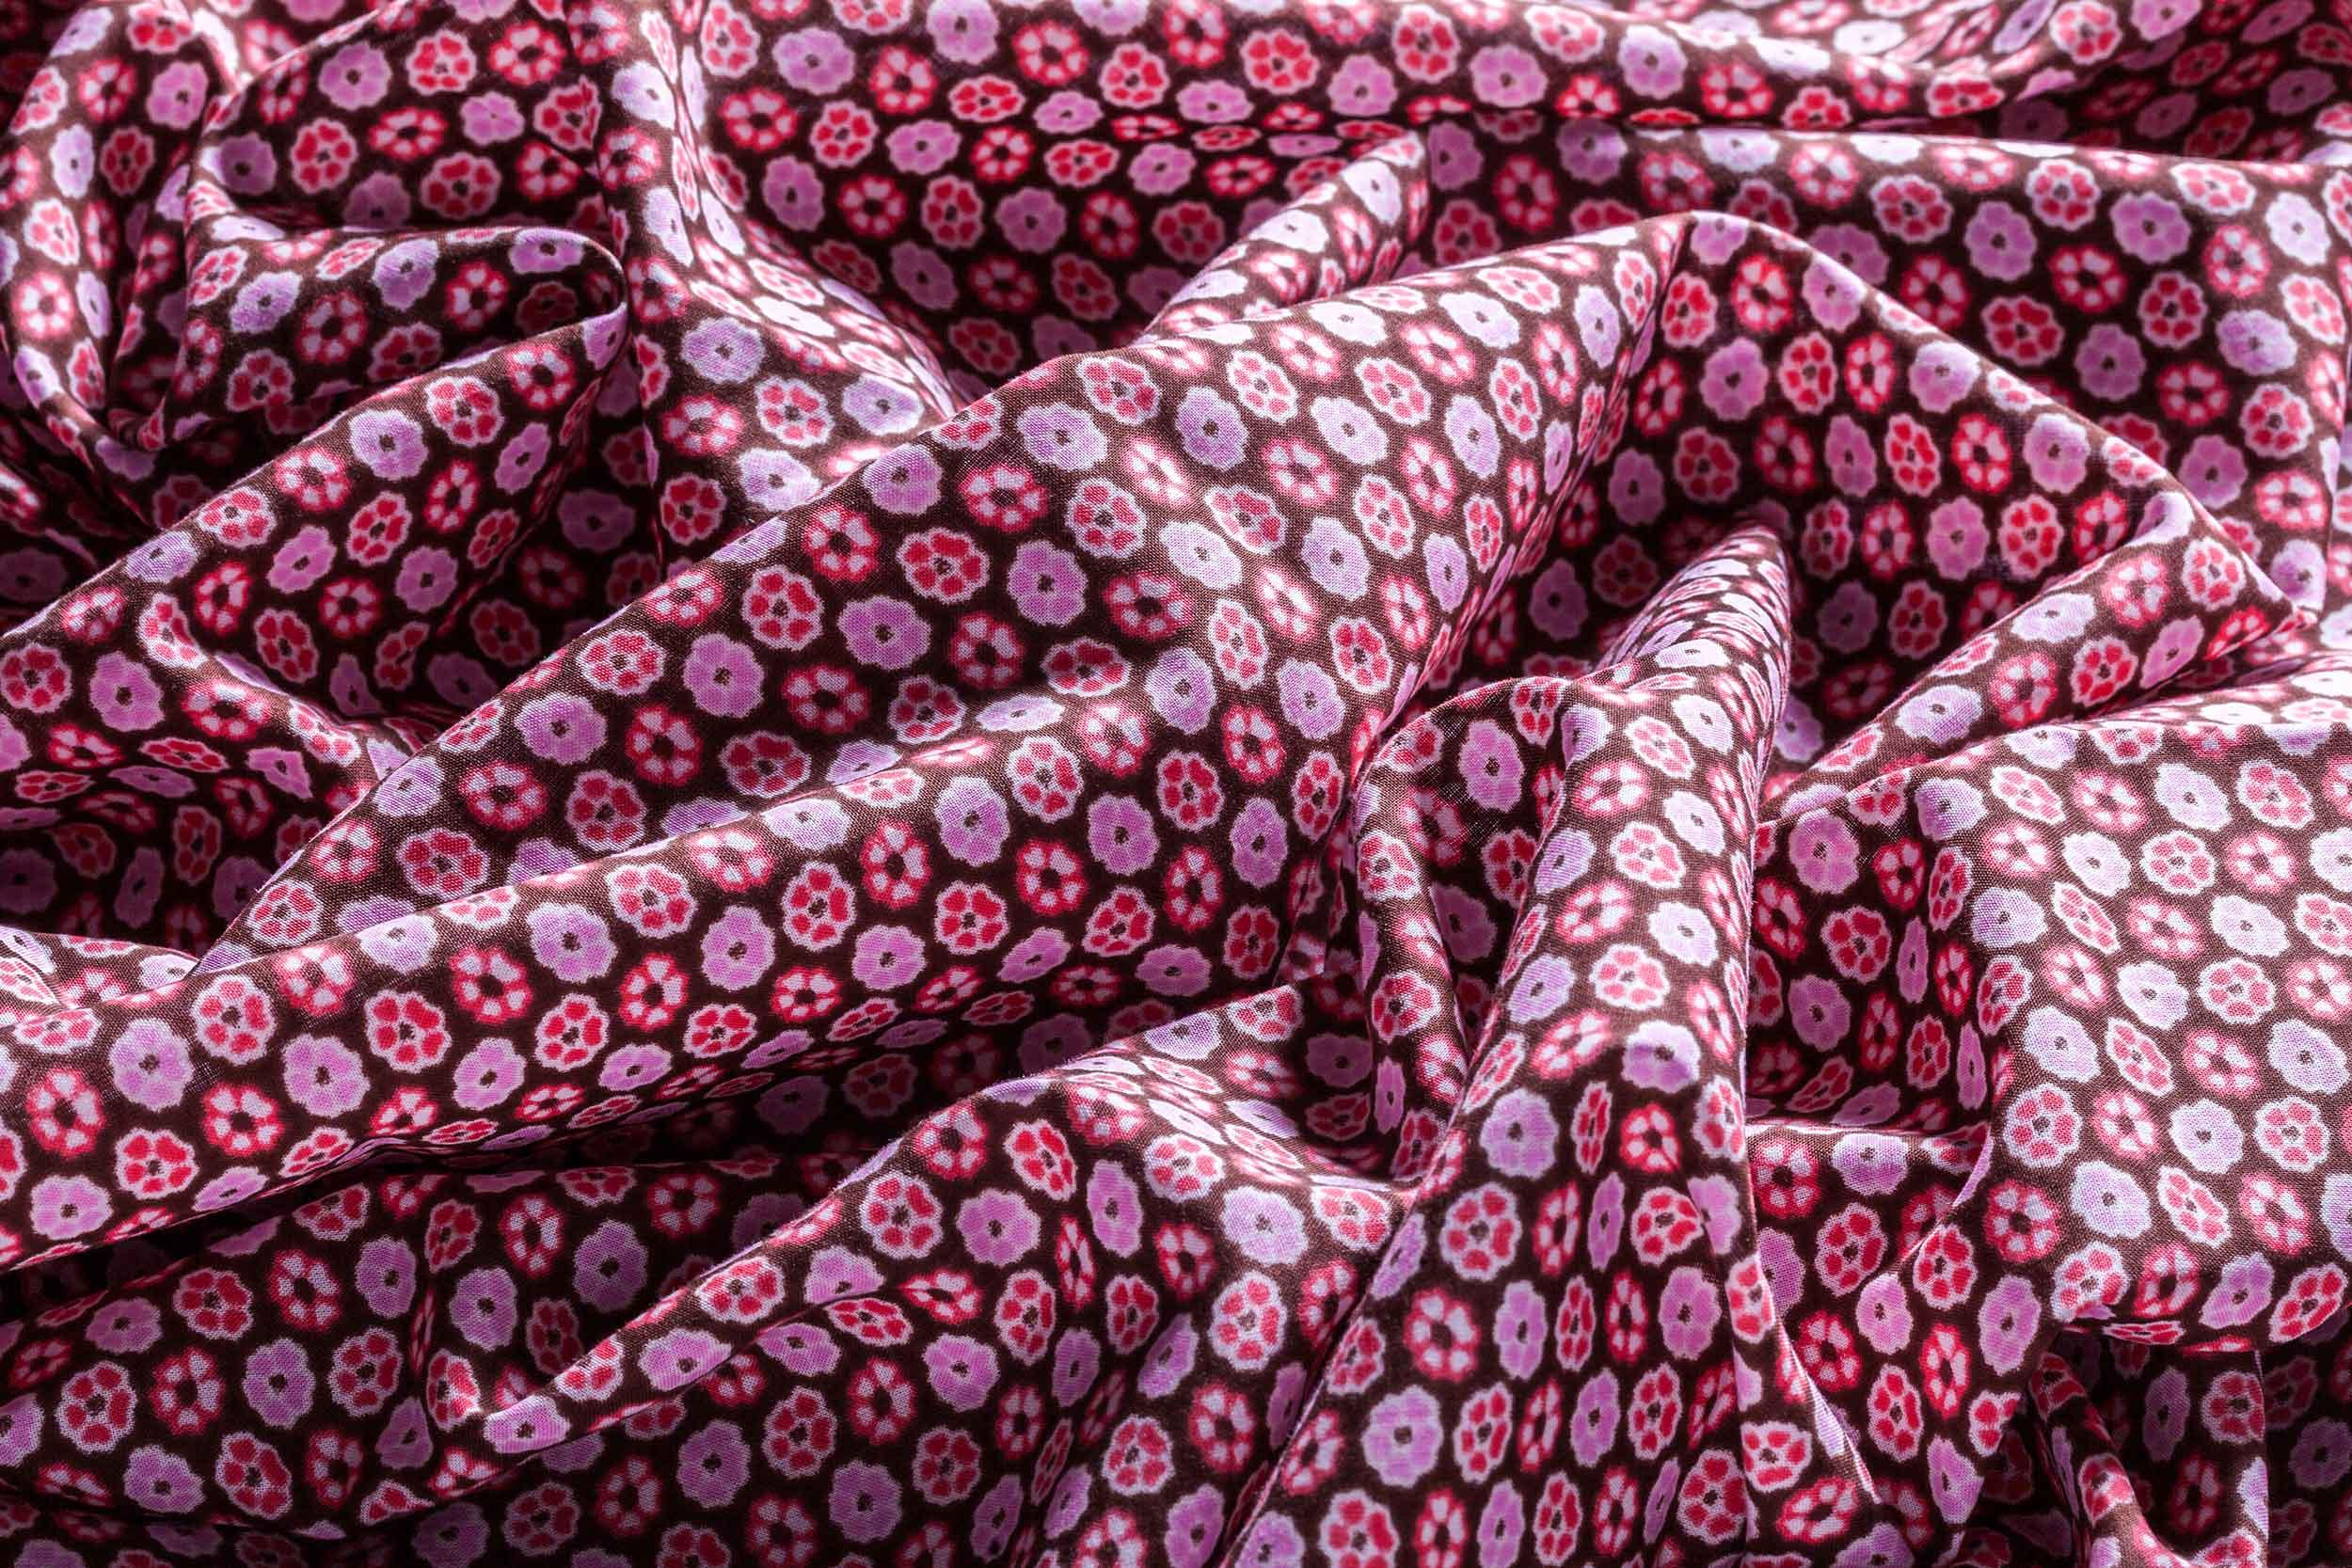 Tessuto realizzato in italia puro cotone rosa a fiori Camerano Ancona